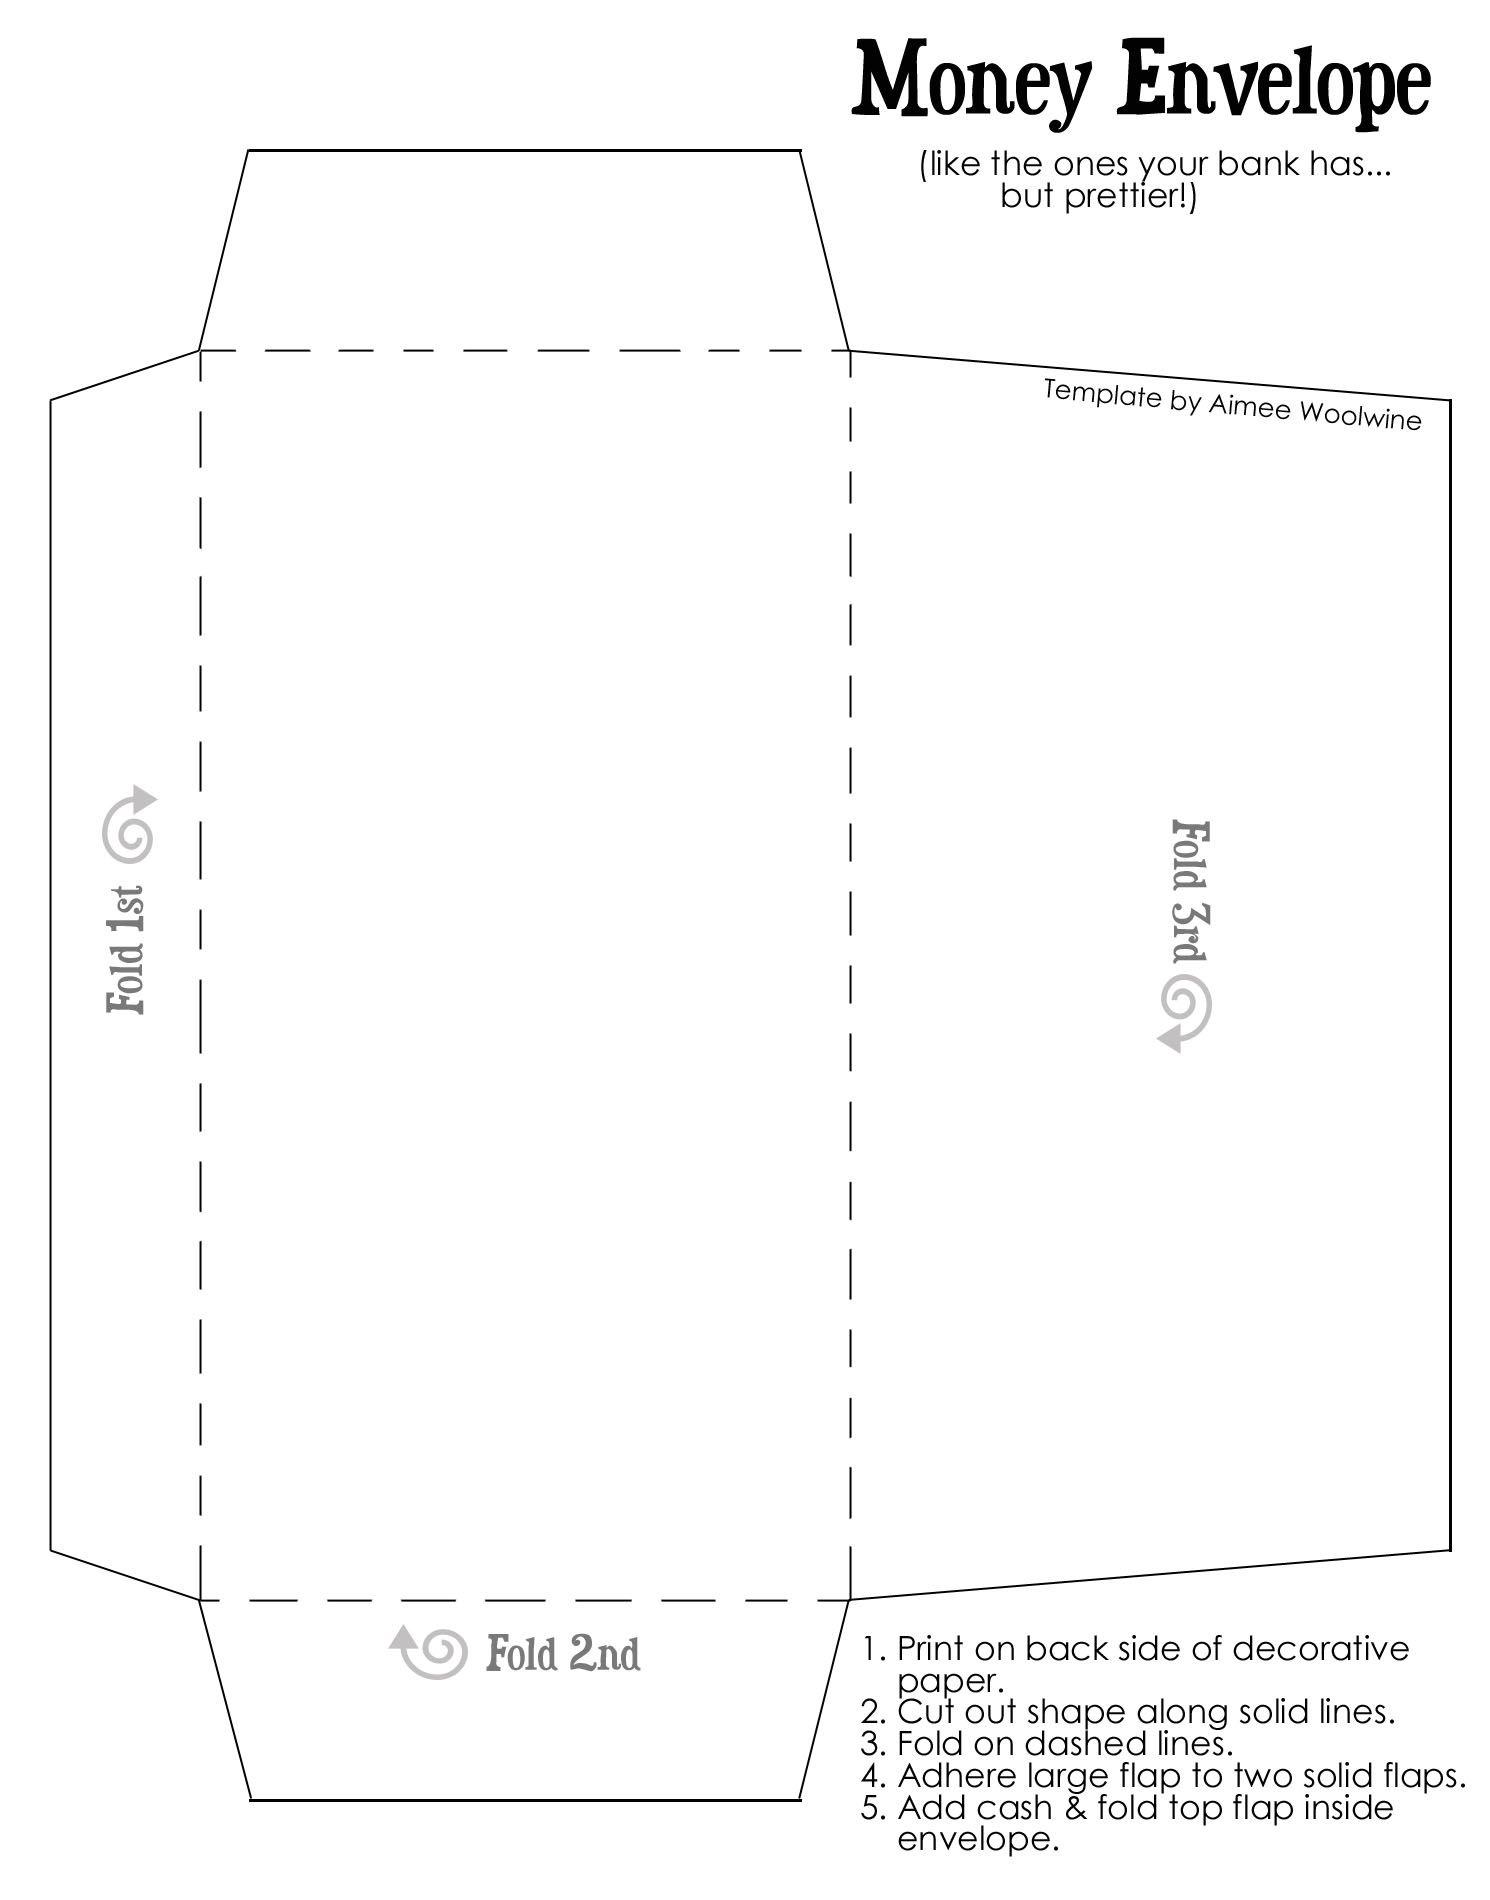 Scrapbook paper envelope template - Coinenvelopetemplatewtext For My Envelope Money Plan Money Envelopesenvelope Templatesdiy